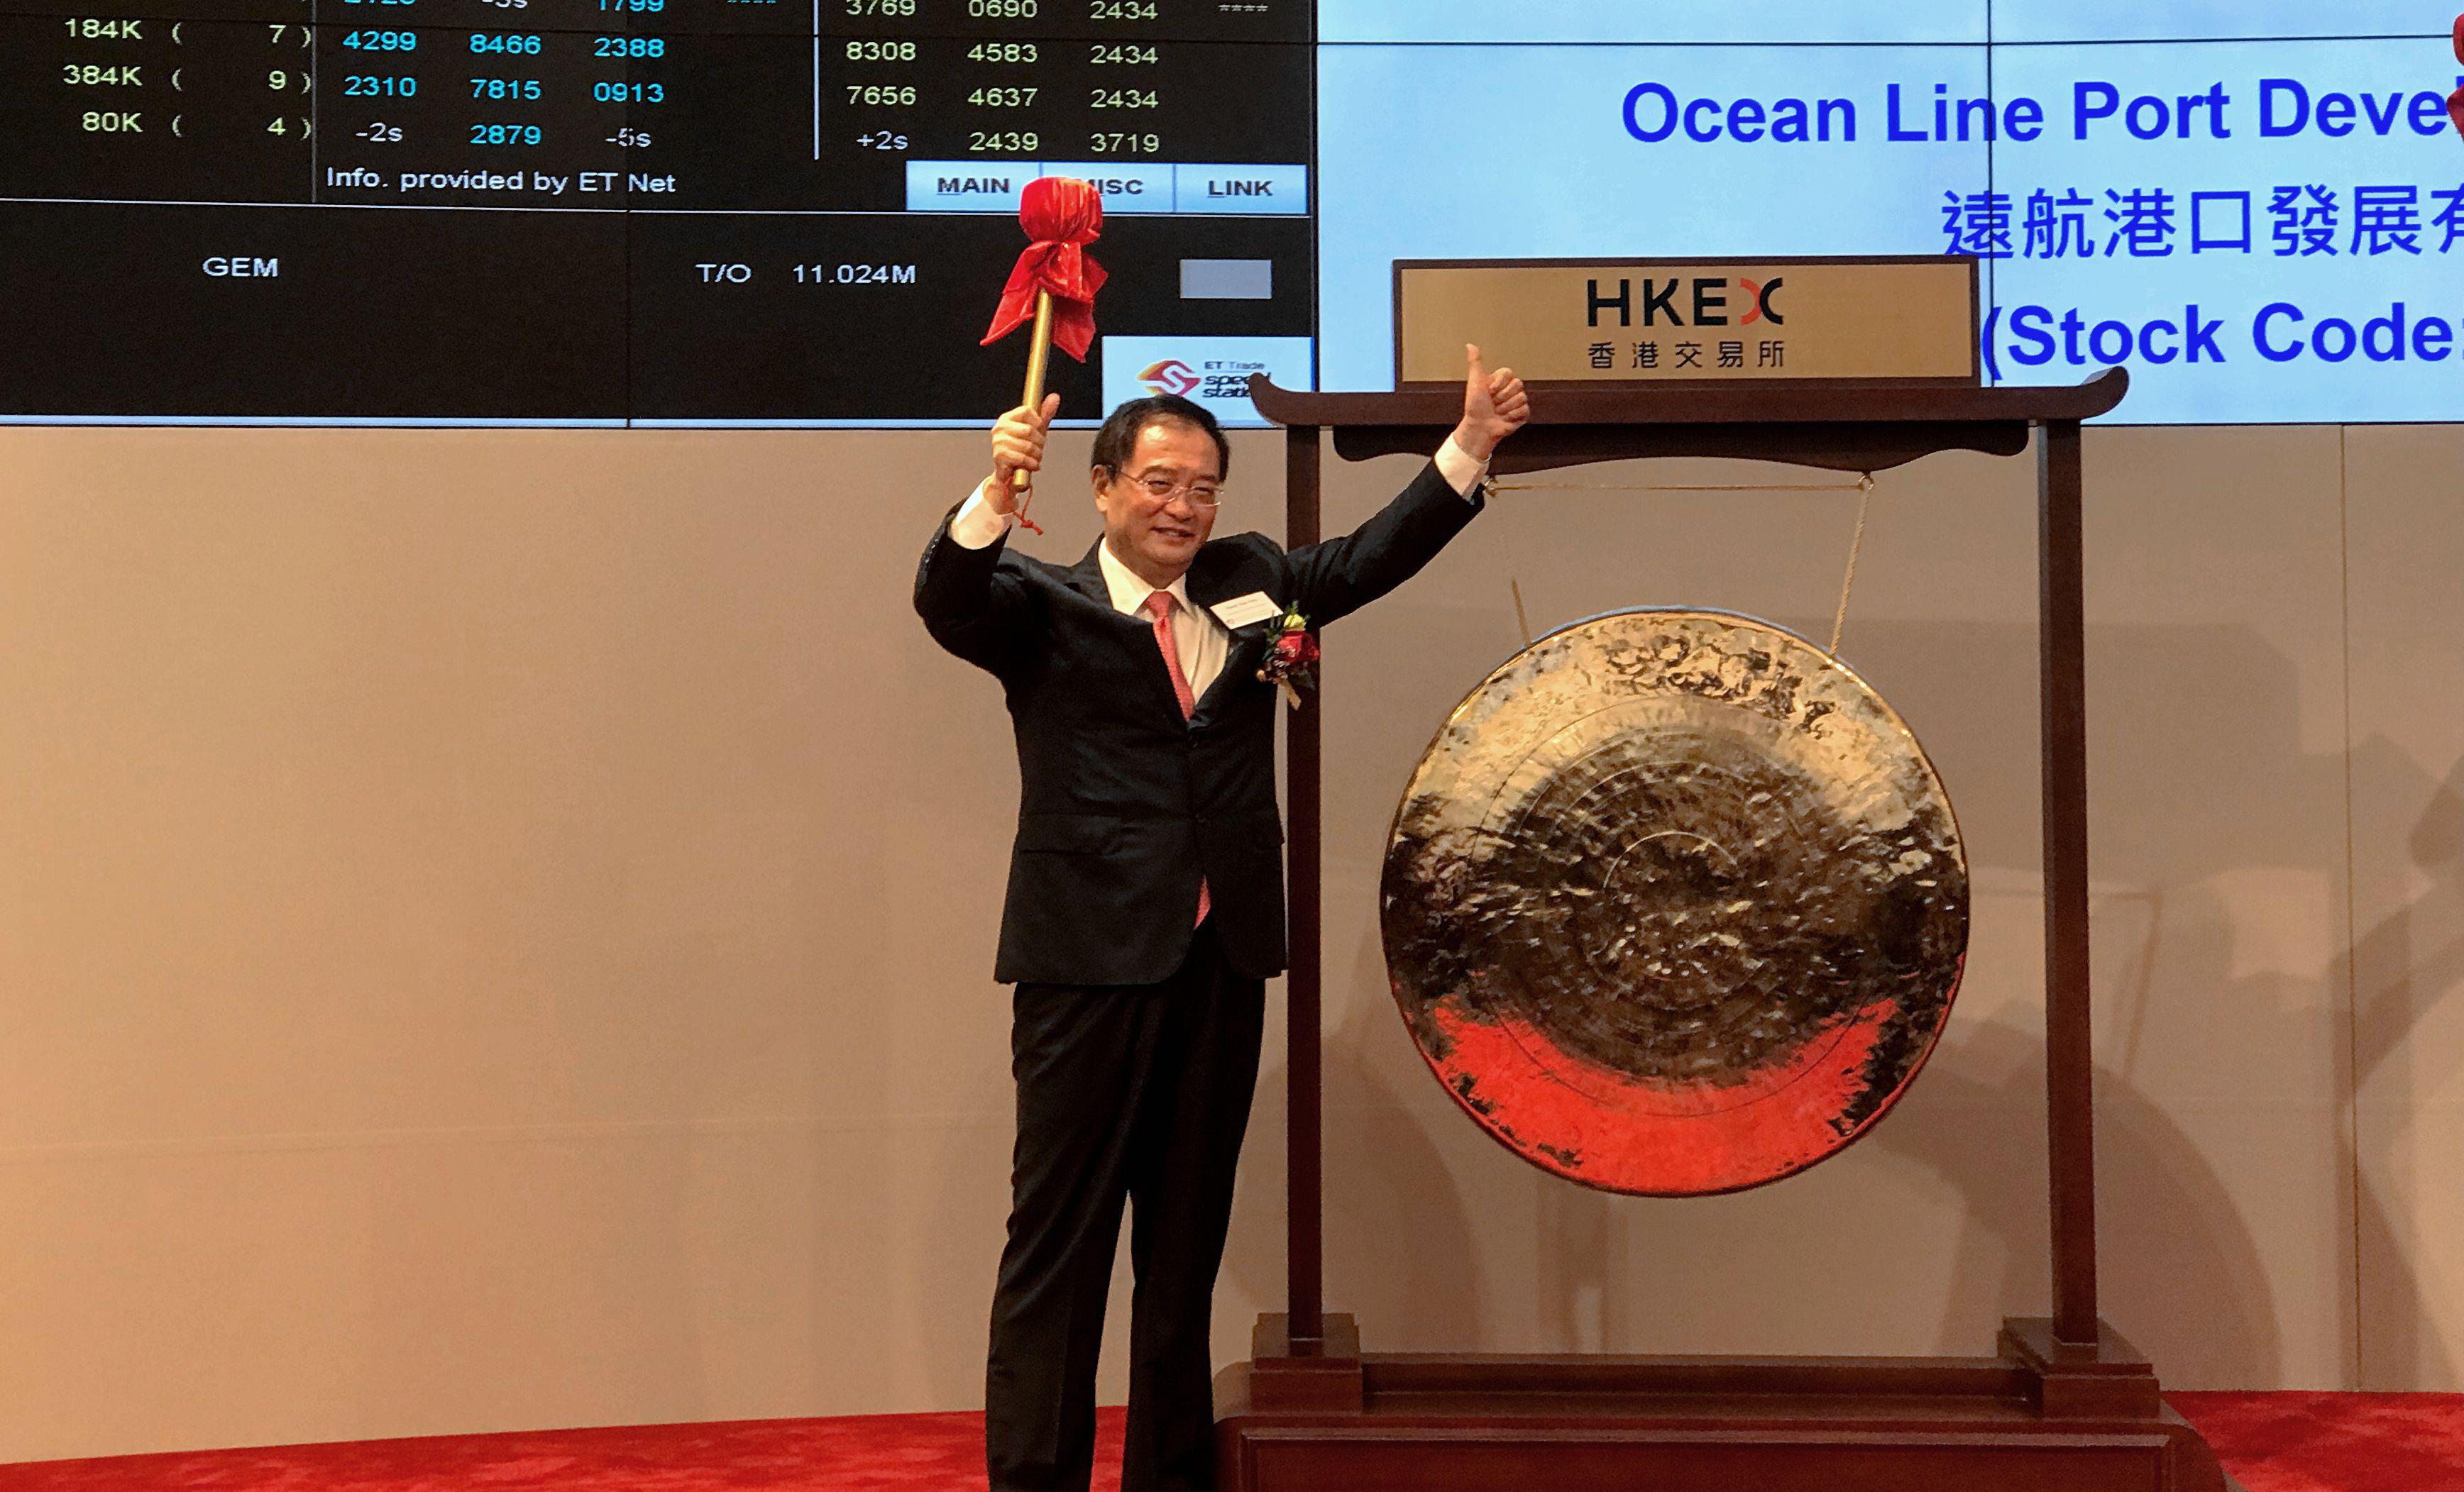 2018年7月10日9時30分,遠航集團公司董事長兼遠航港口公司董事會主席桂四海先生在香港交易所敲響公司上市鑼聲。